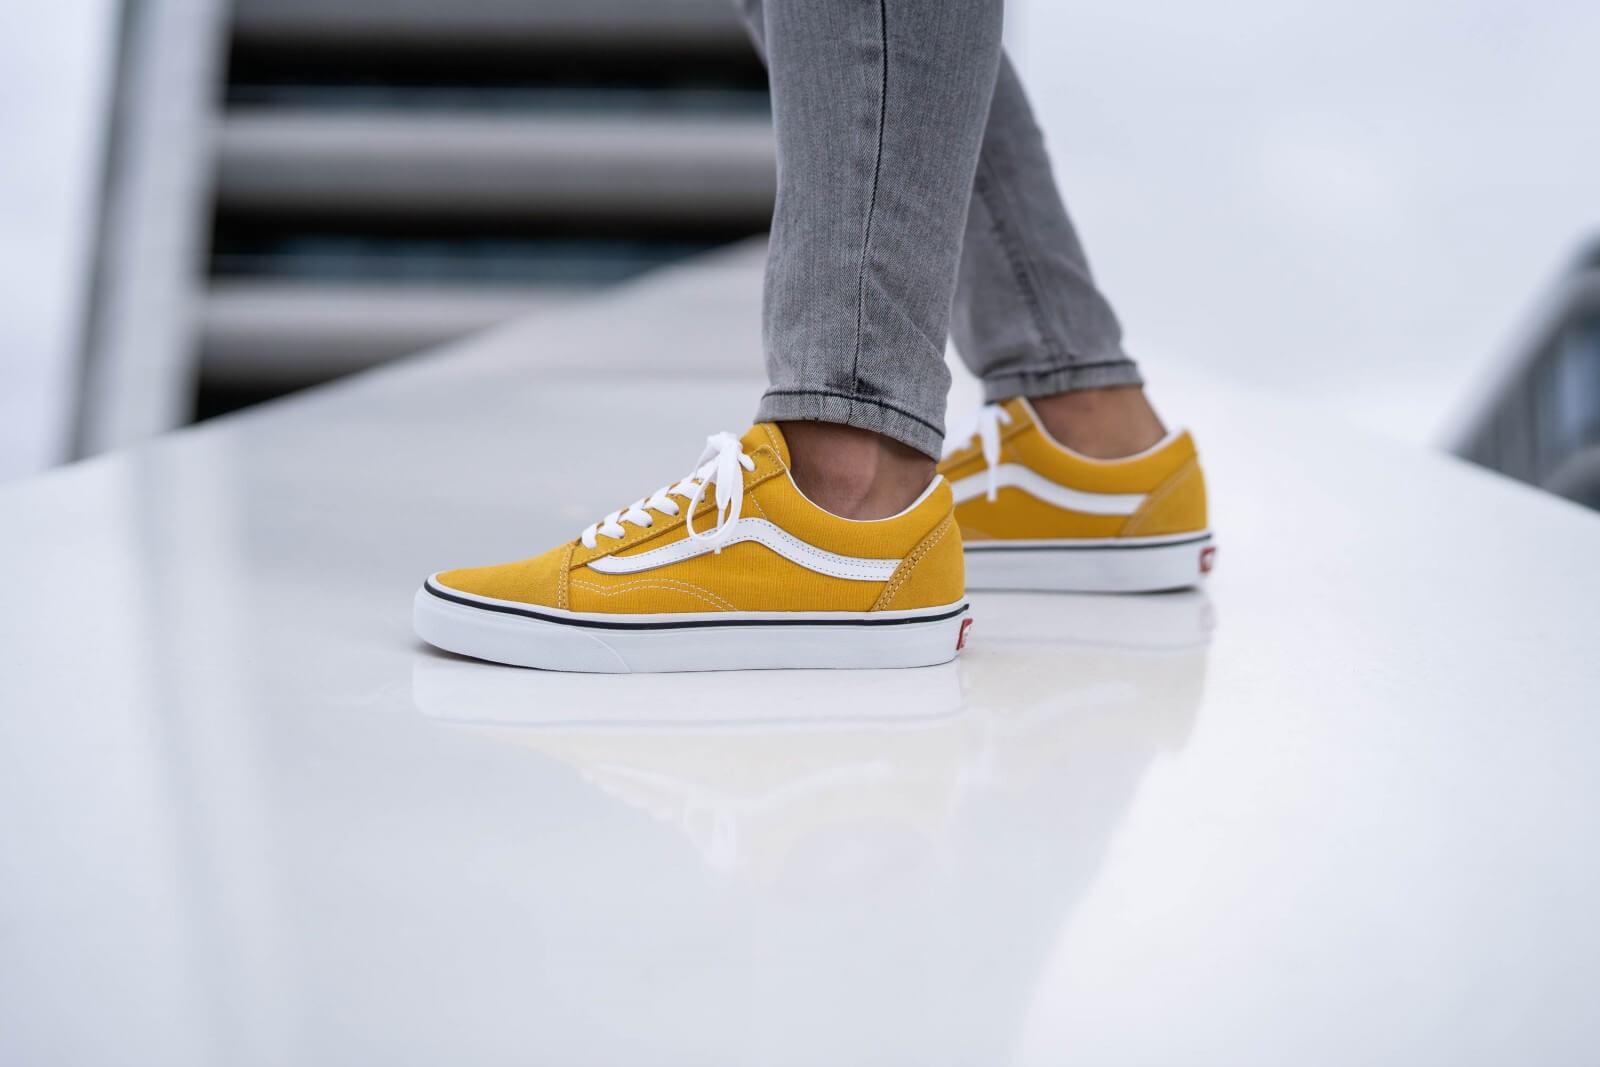 Vans Old Skool Yolk Yellow/True White